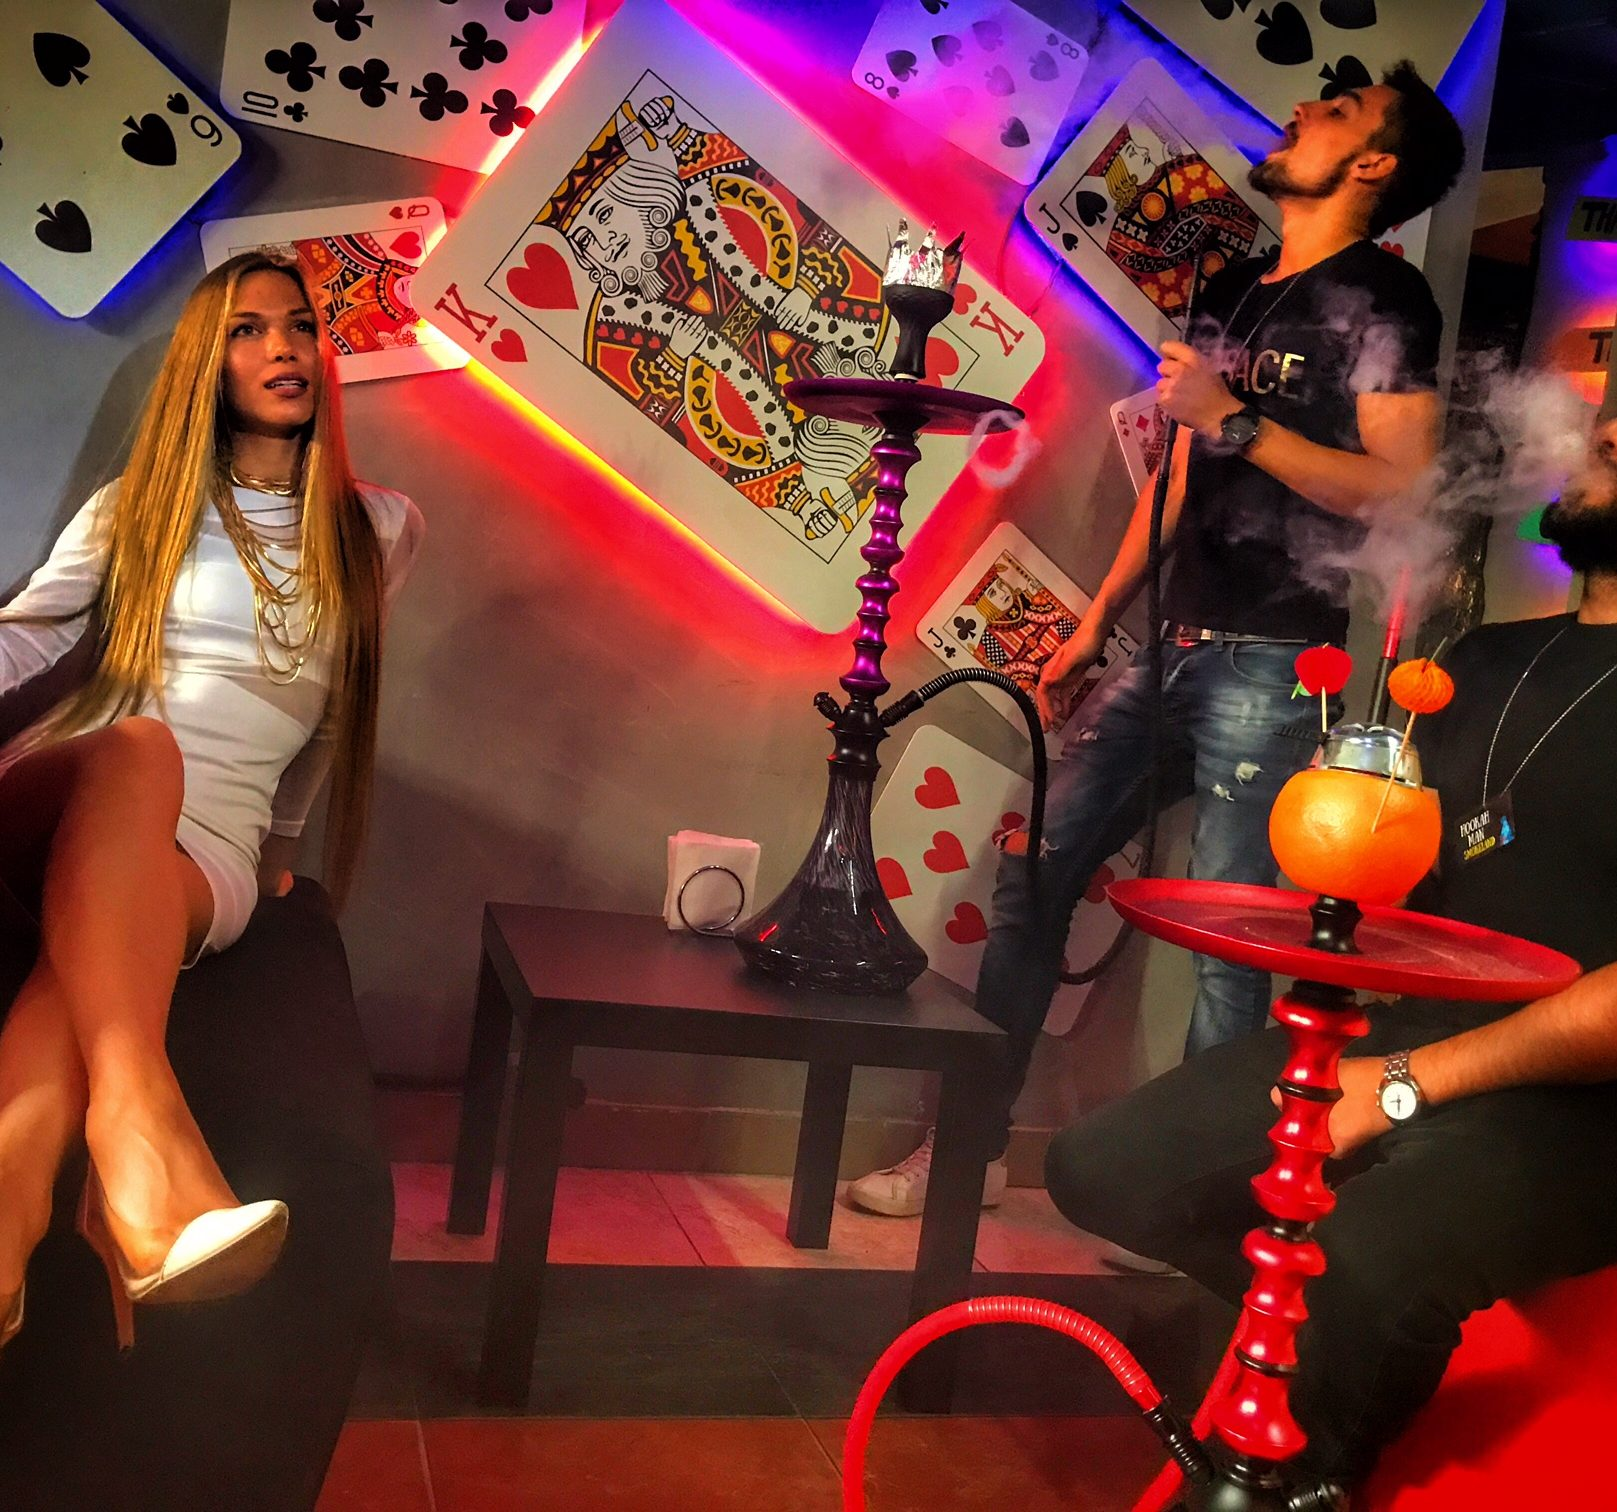 галерея,кальян бар киев,киев кальян,кальян киев, где покурить кальян киев, кальянные киева,кальян бар в центре,кальян недорого киев, акции на кальян в киеве